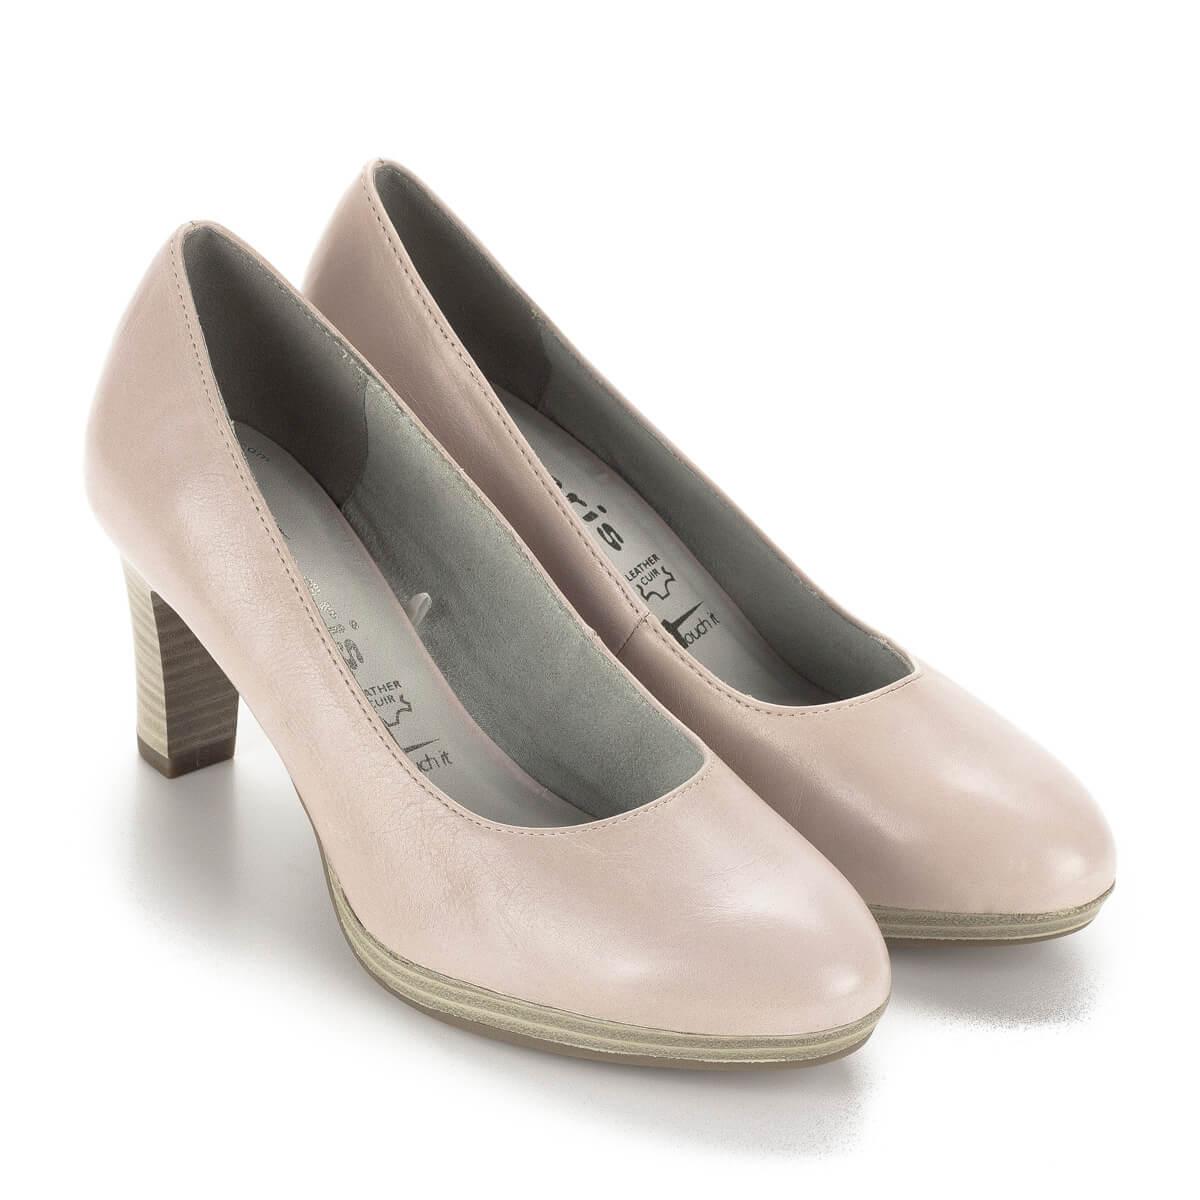 274bccc3874b Tamaris platformos magassarkú cipő 7,5 cm-es sarokkal, rózsaszín színben.